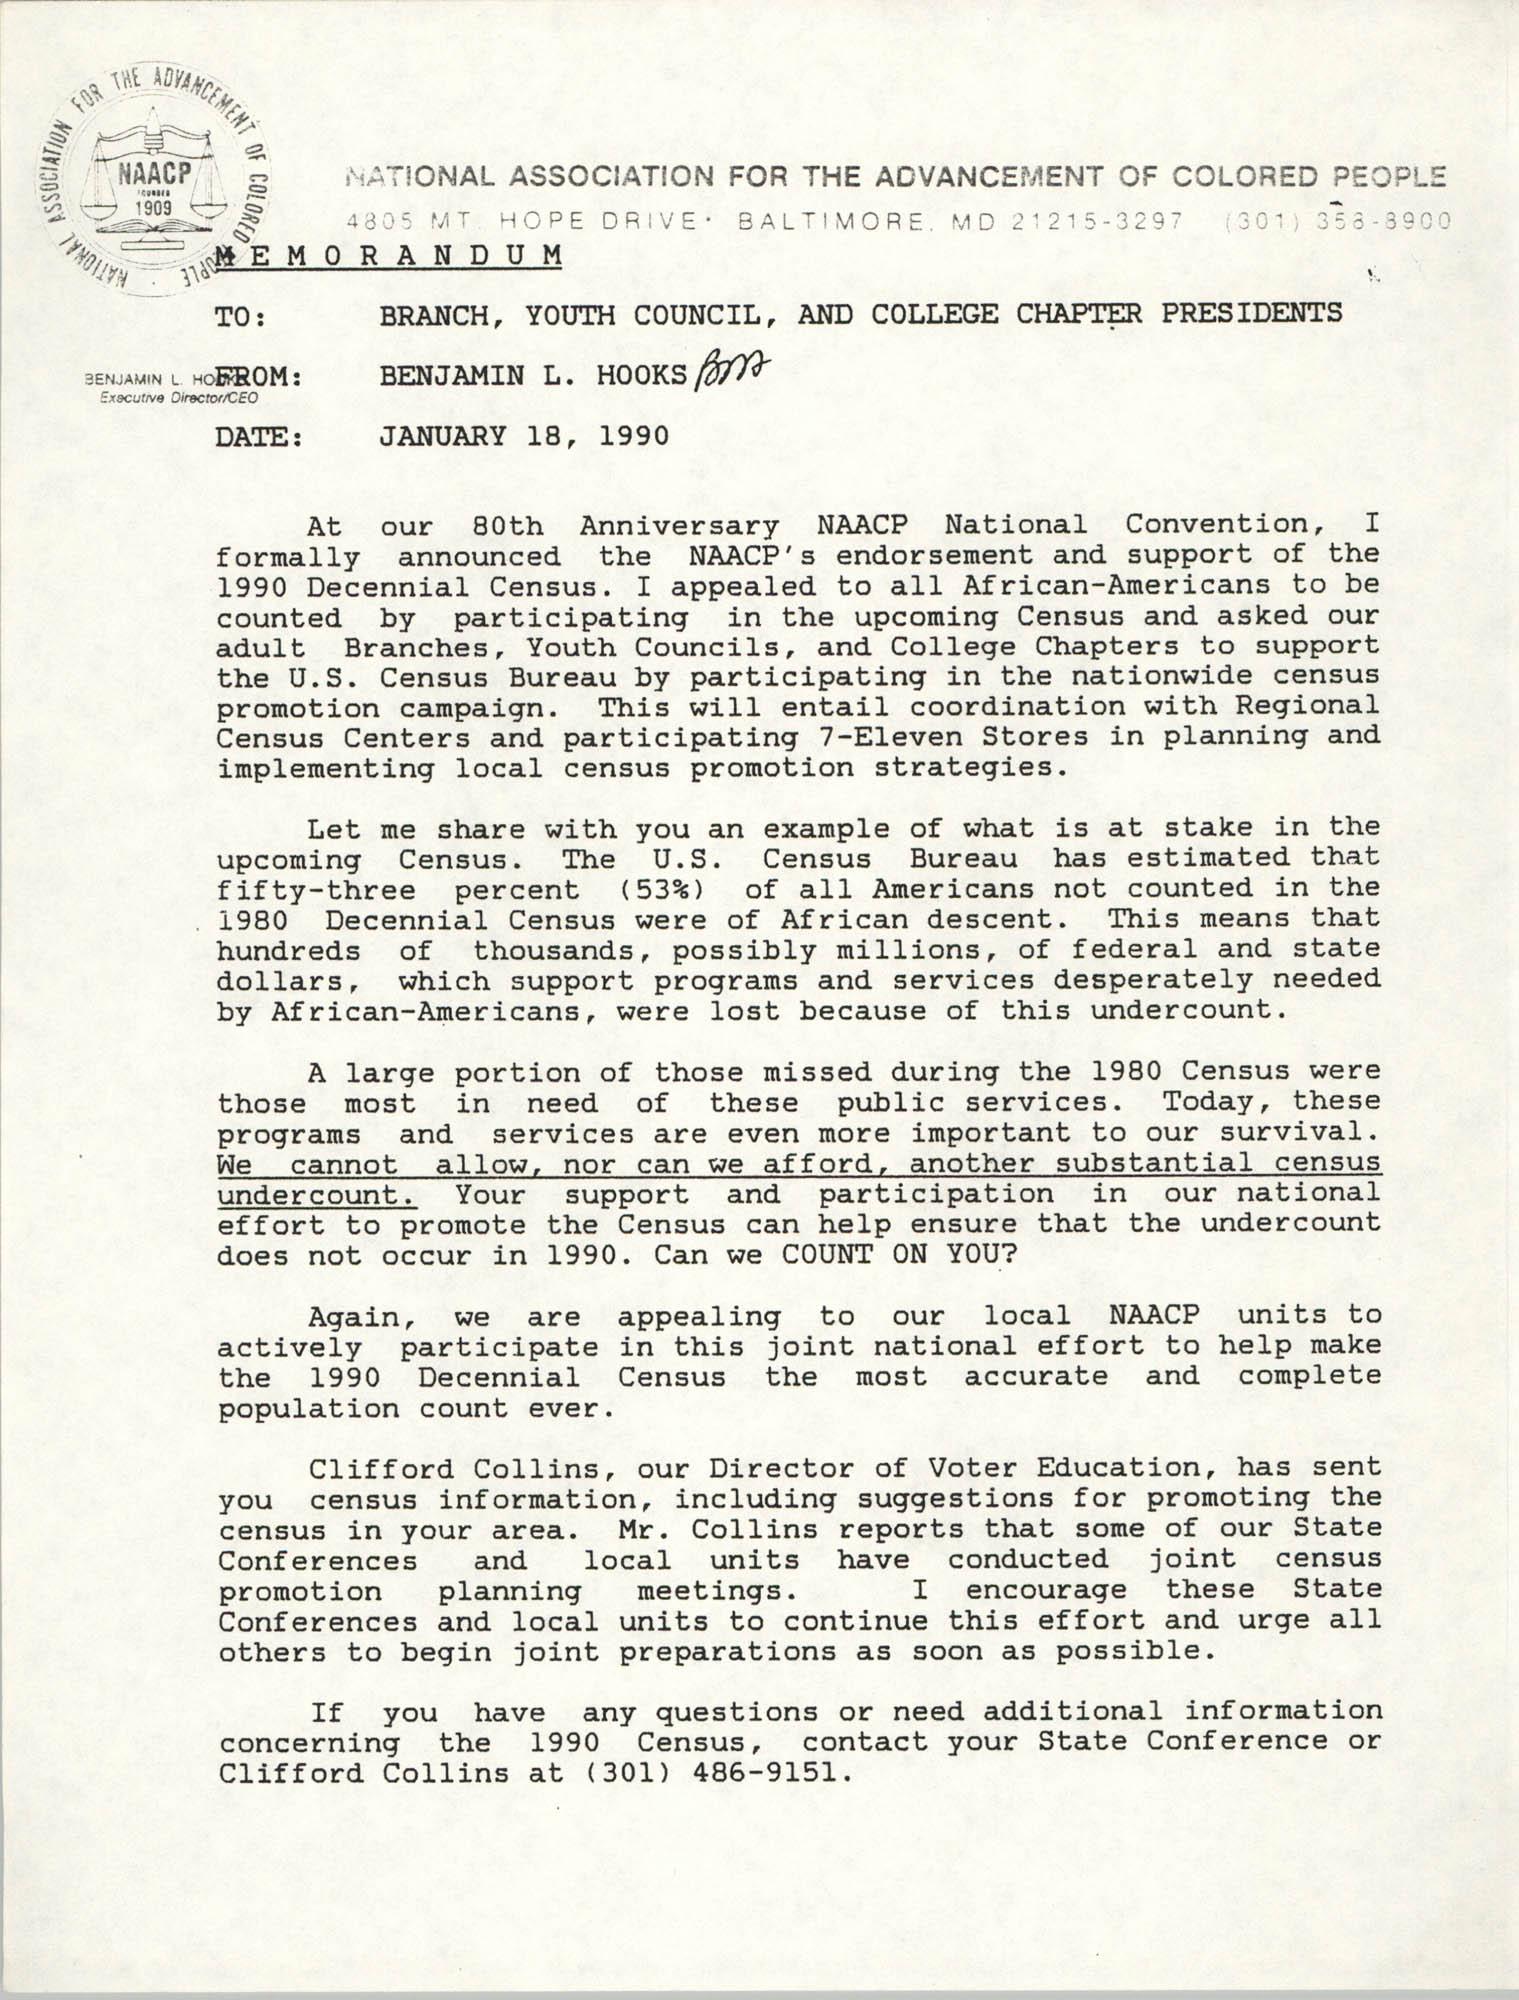 NAACP Memorandum, January 18, 1990